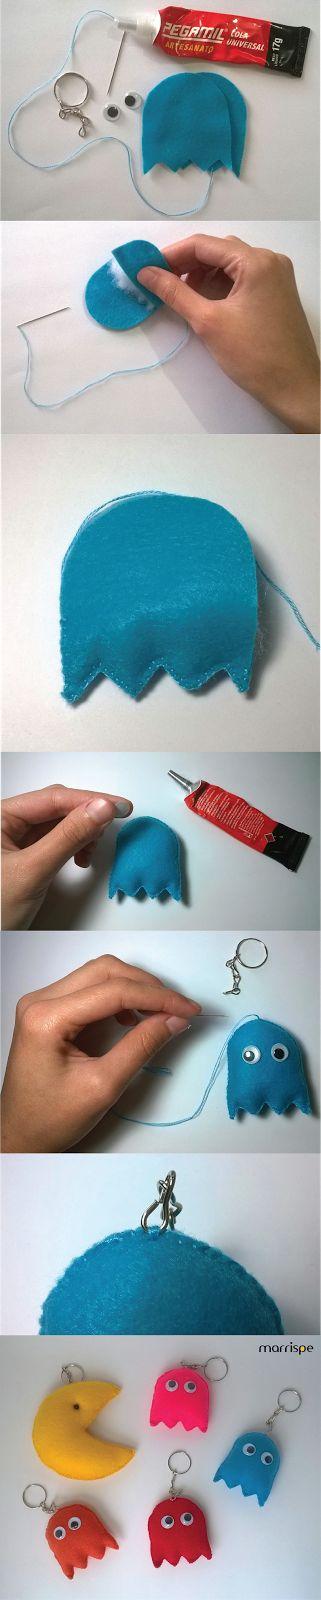 Passo-a-passo Pac-Man em feltro #artesanato #decoração #feltro #Pac-Man…